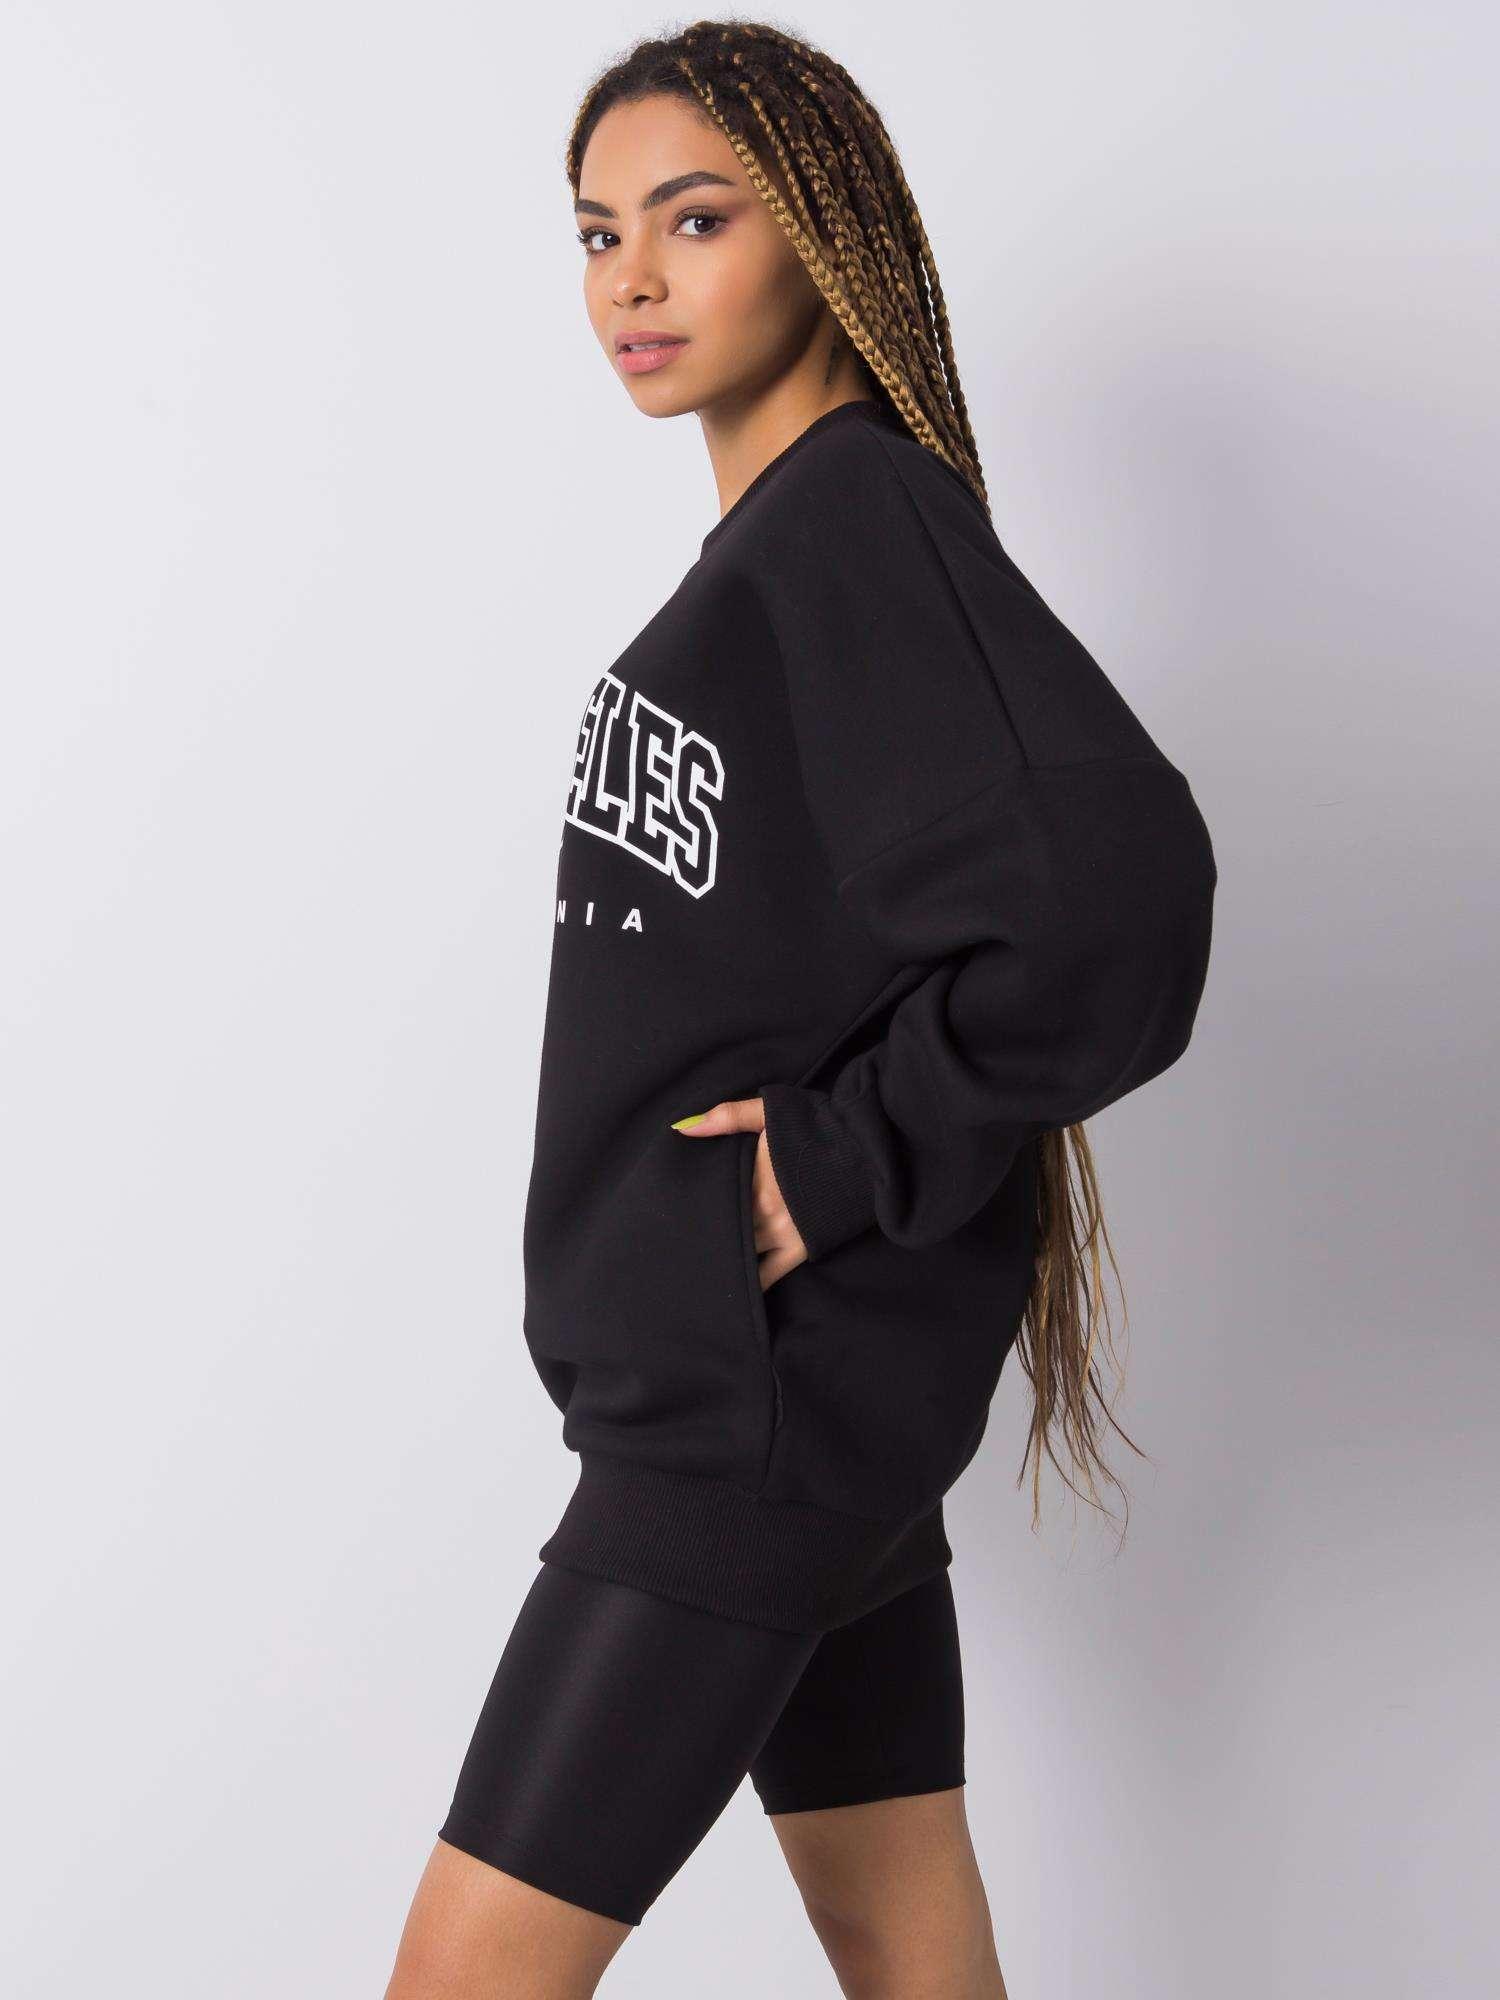 Sweatshirt in Schwarz mit Aufdruck Seitenansicht